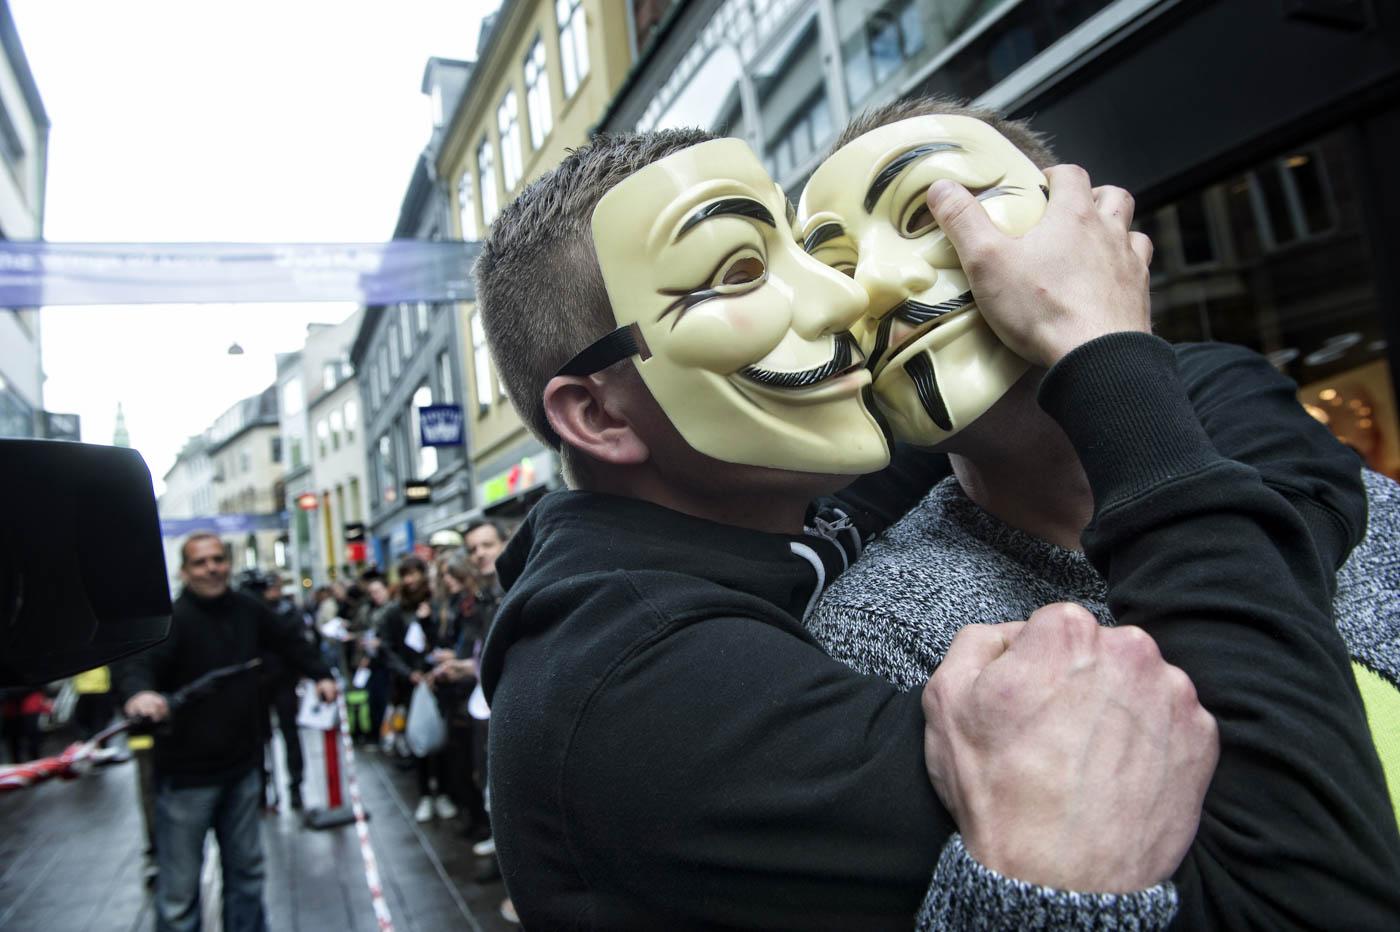 375 personas rompen el record mundial de besar personas en cadena en Copenhagen, Dinamarca